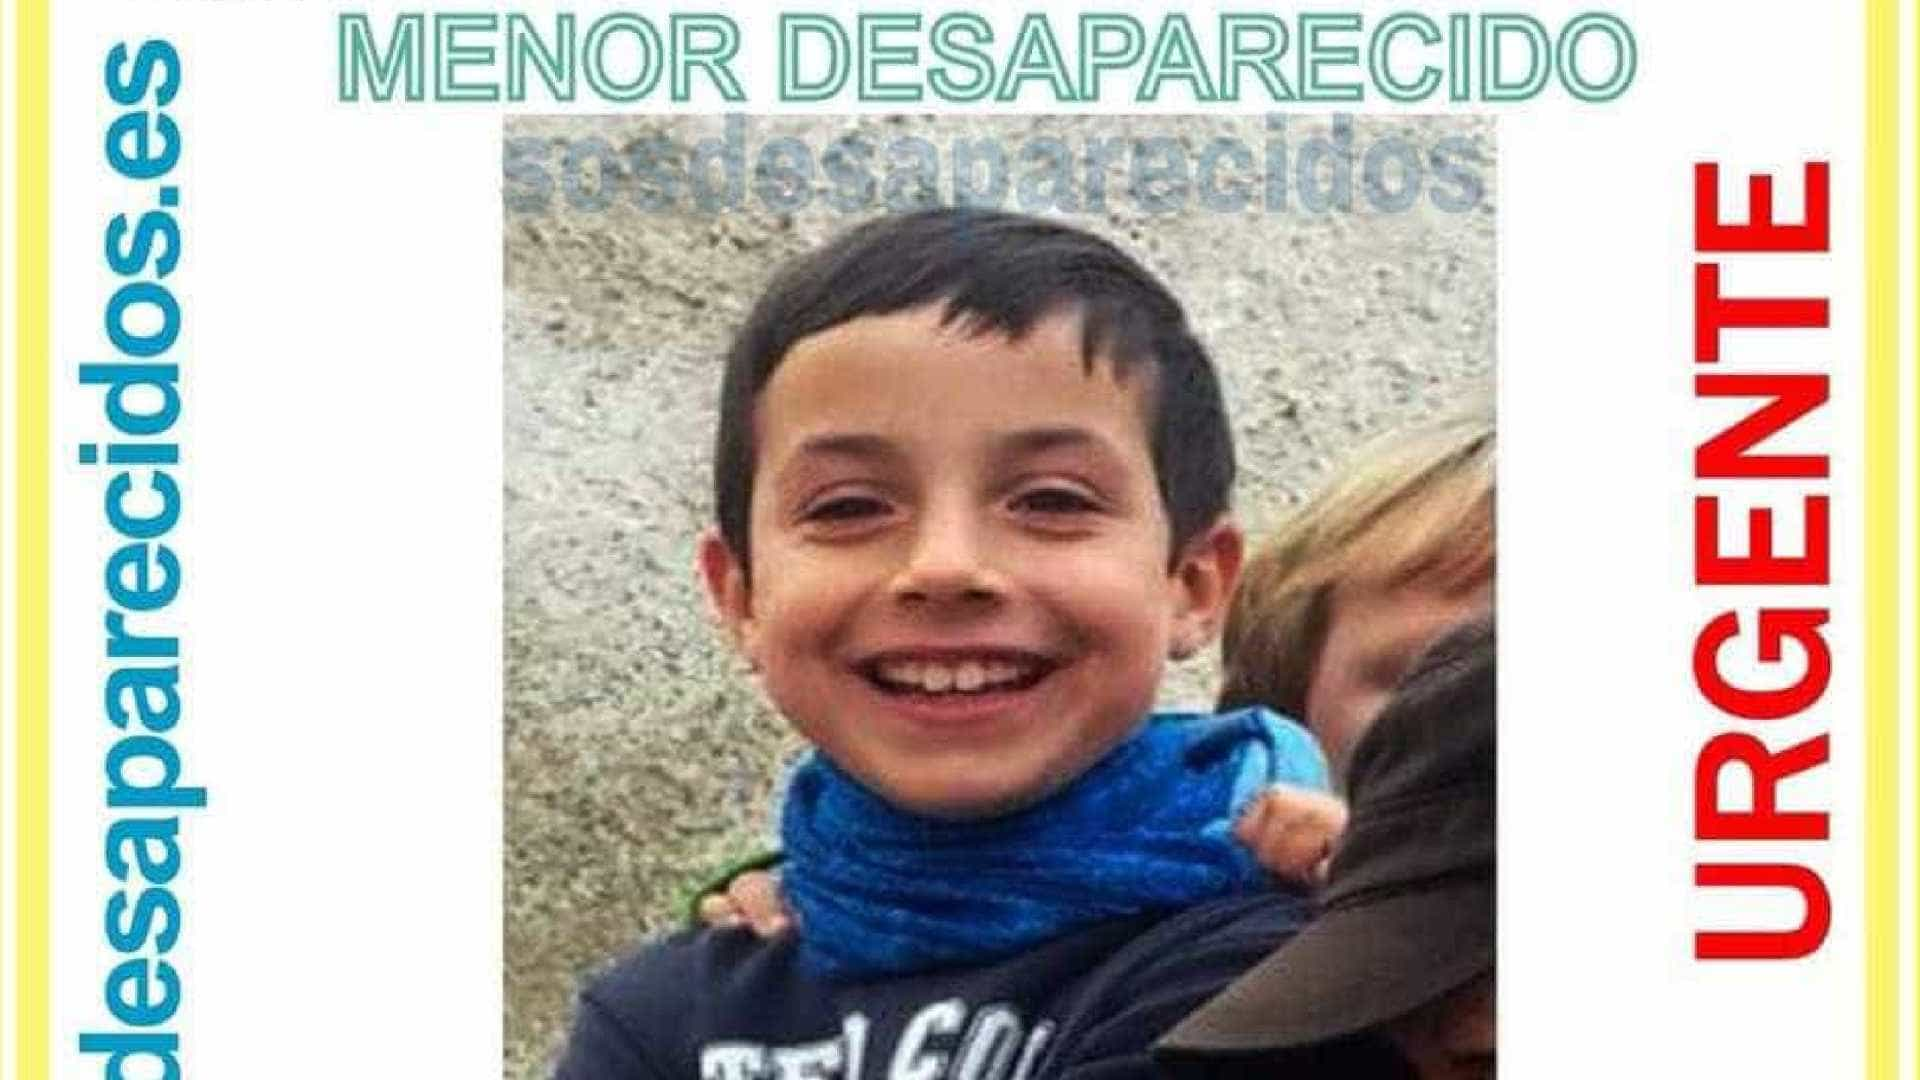 Menino desaparecido é encontrado morto no carro da madrasta